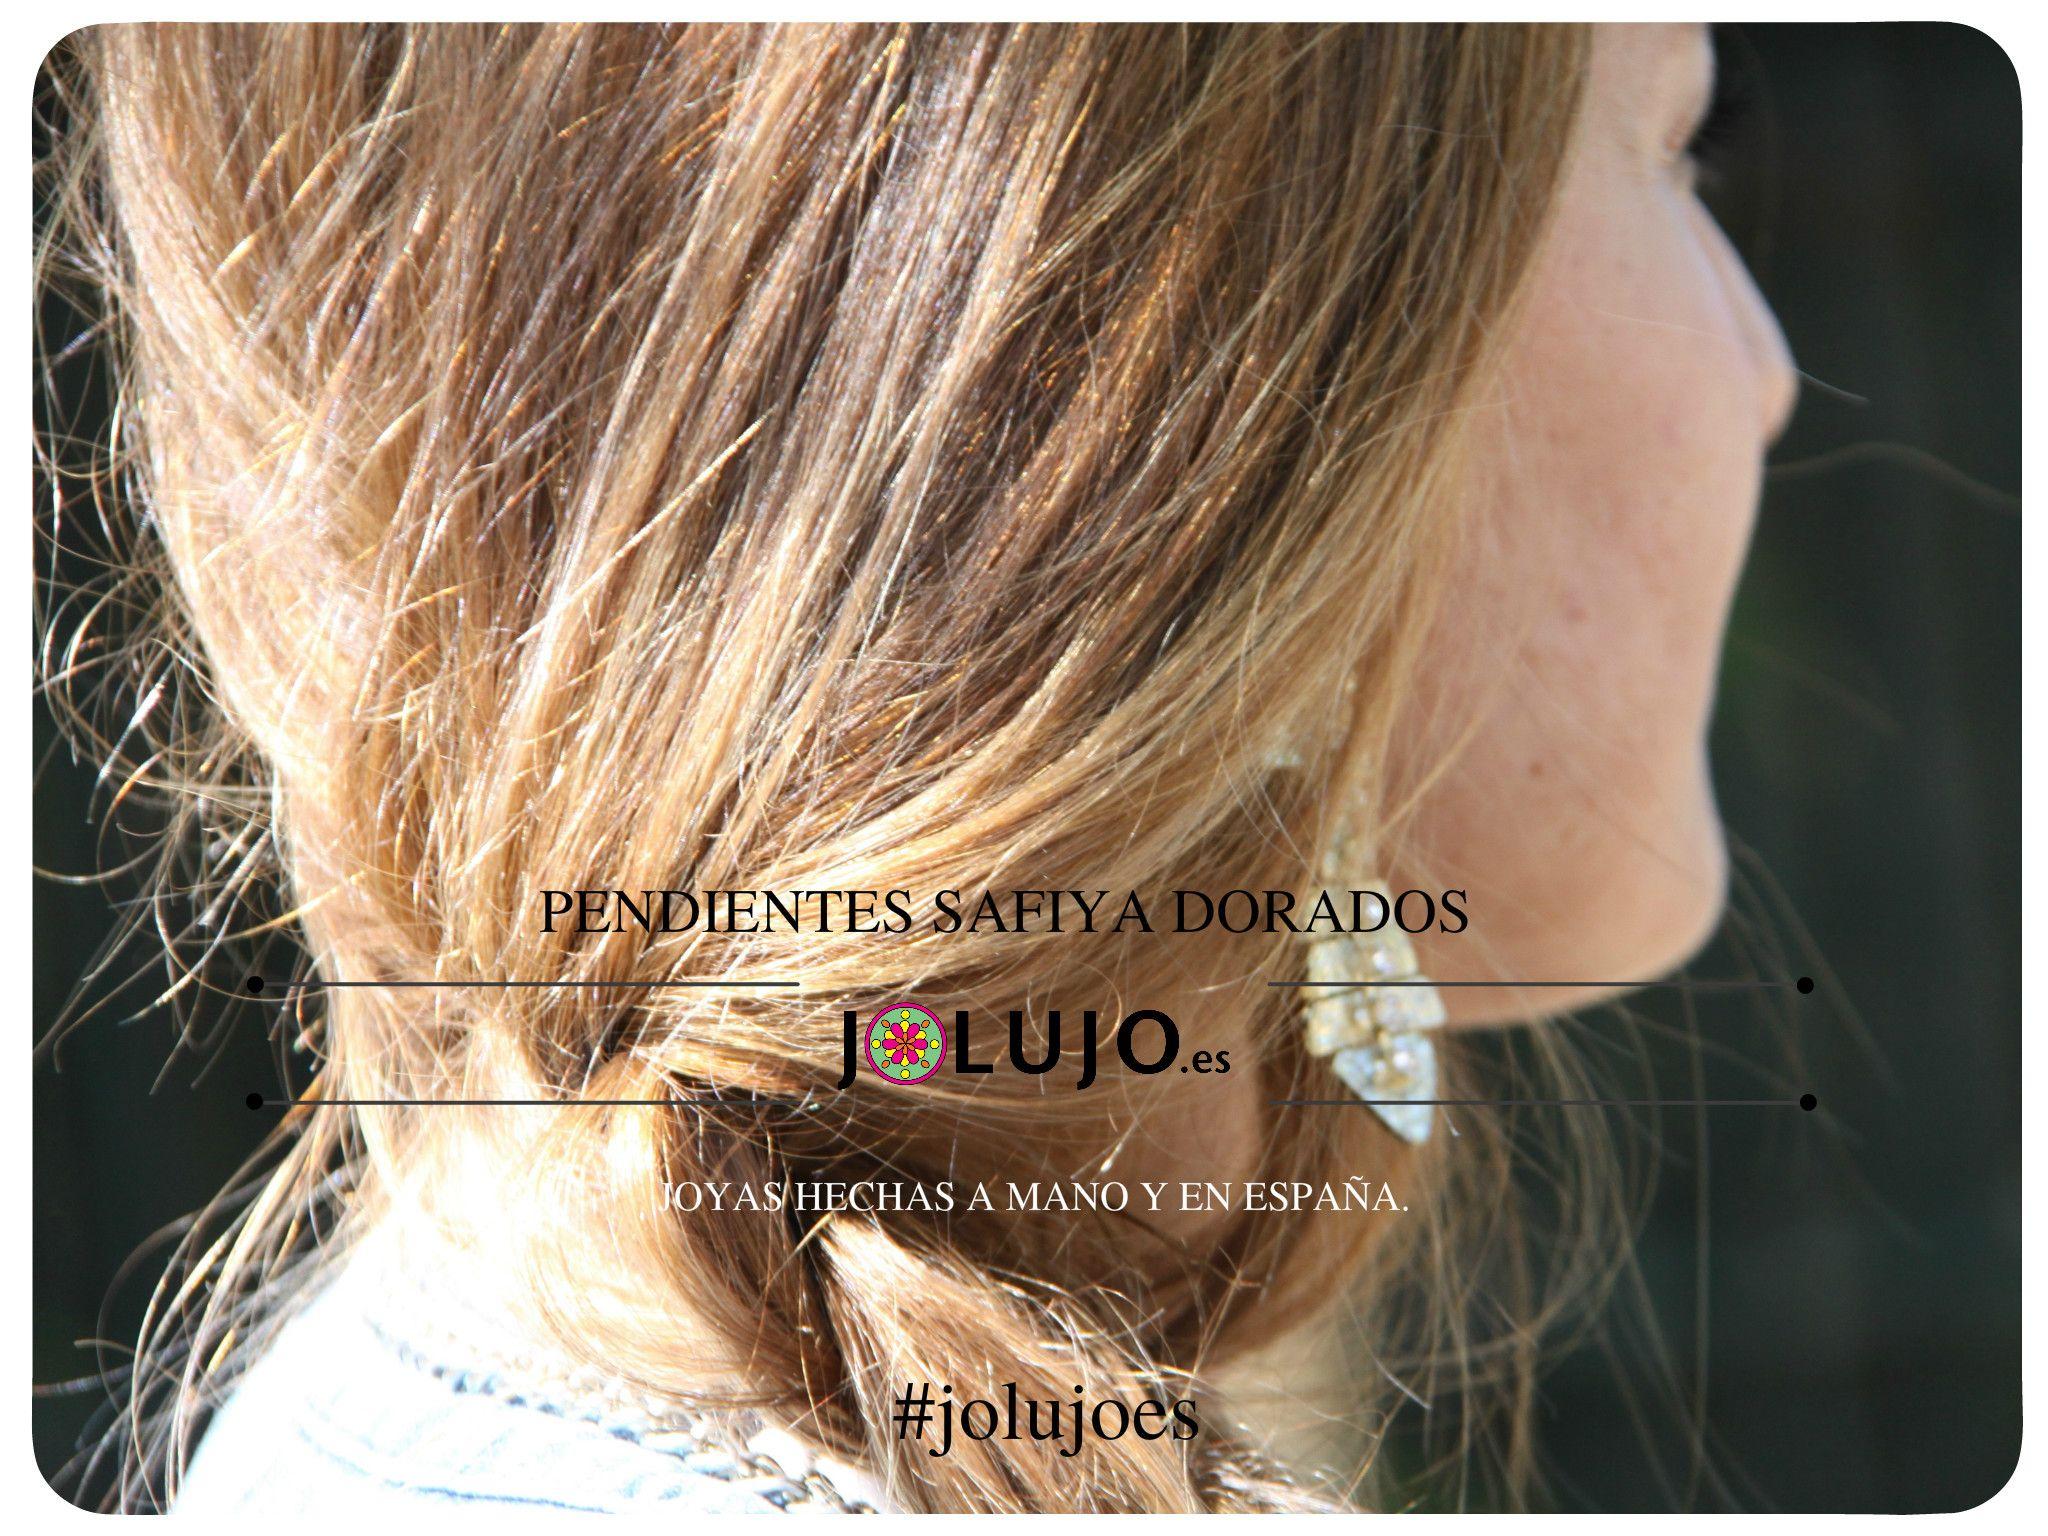 www.jolujo.es #jolujoes #rebajas #pendientessafiya